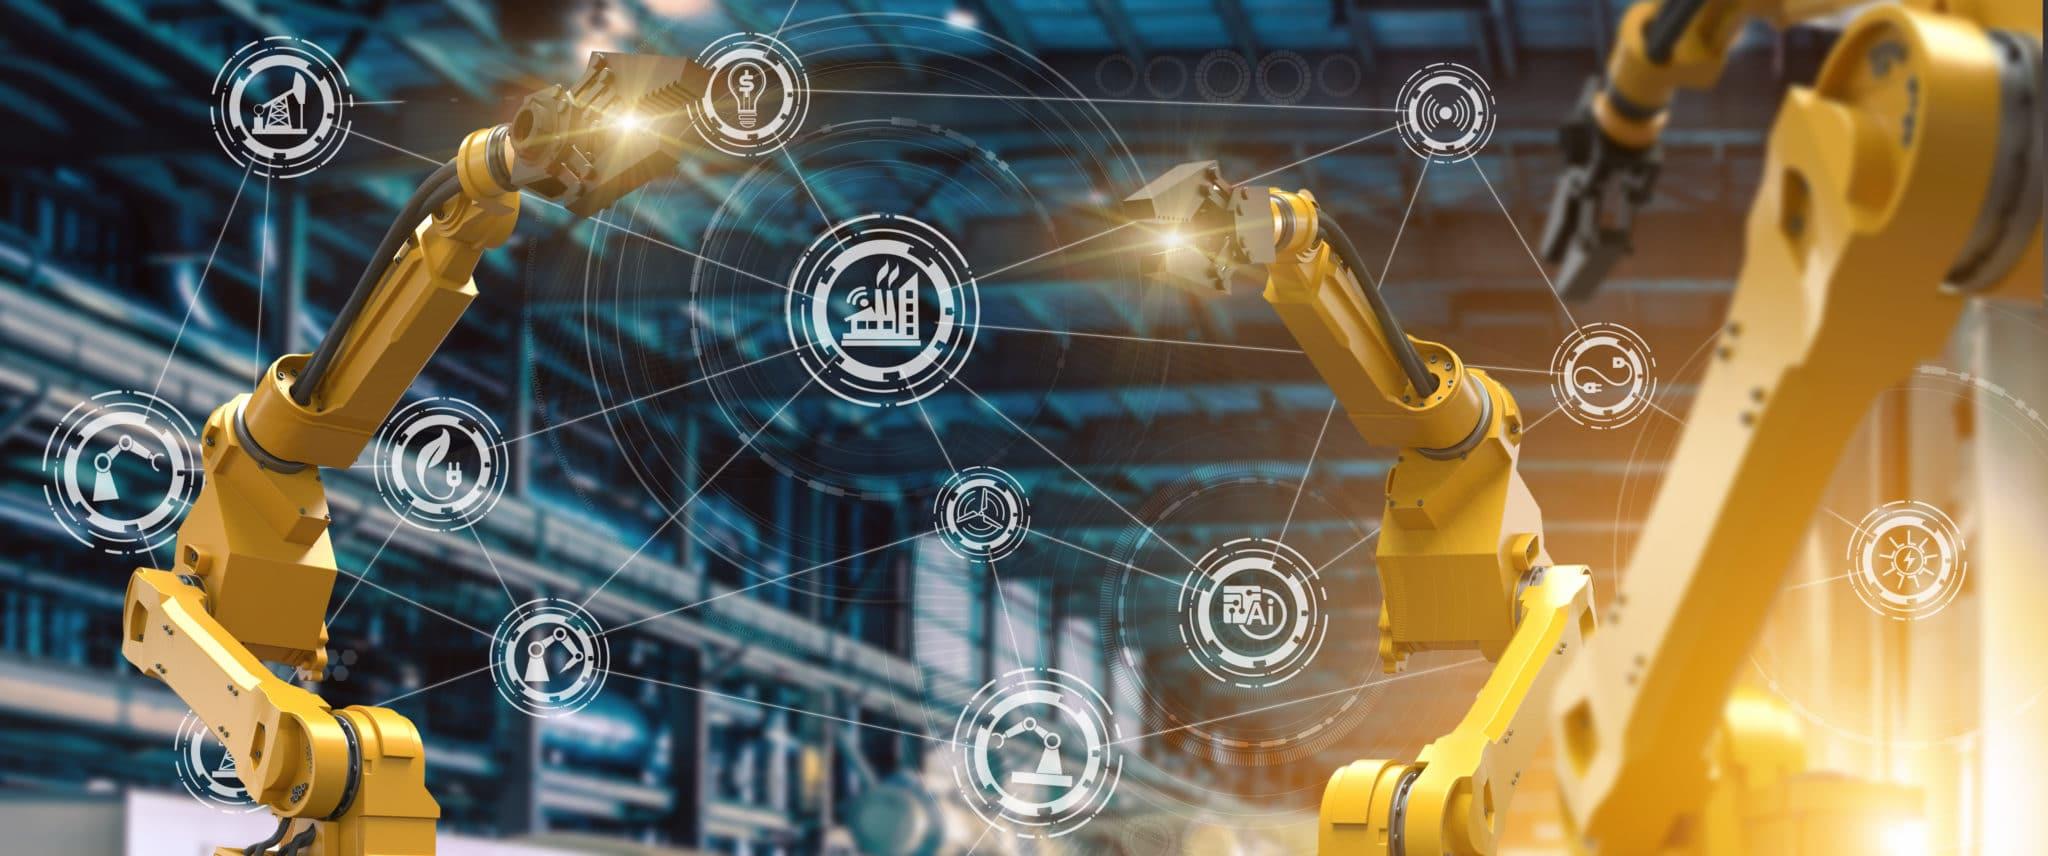 Teollisuuden Digi-Robo -osaaja